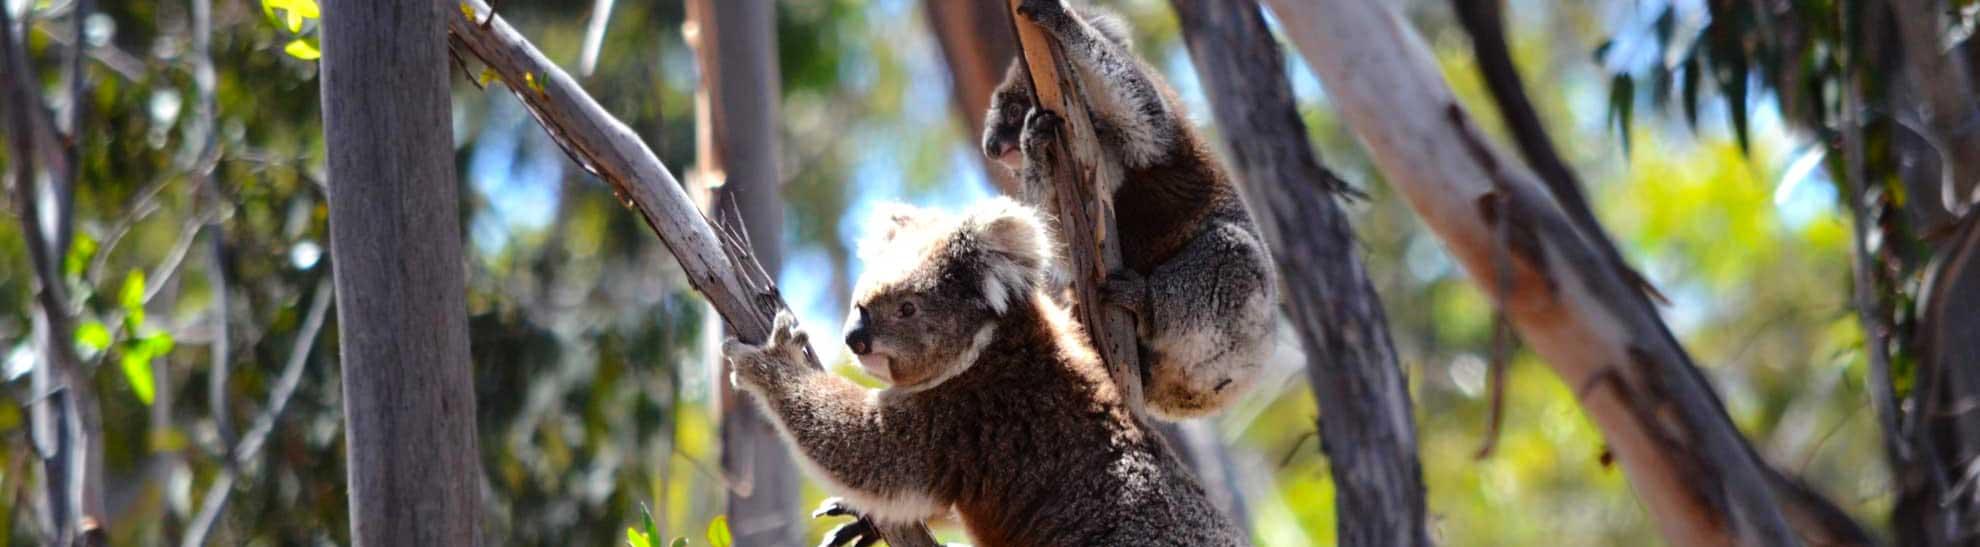 donate to koalas